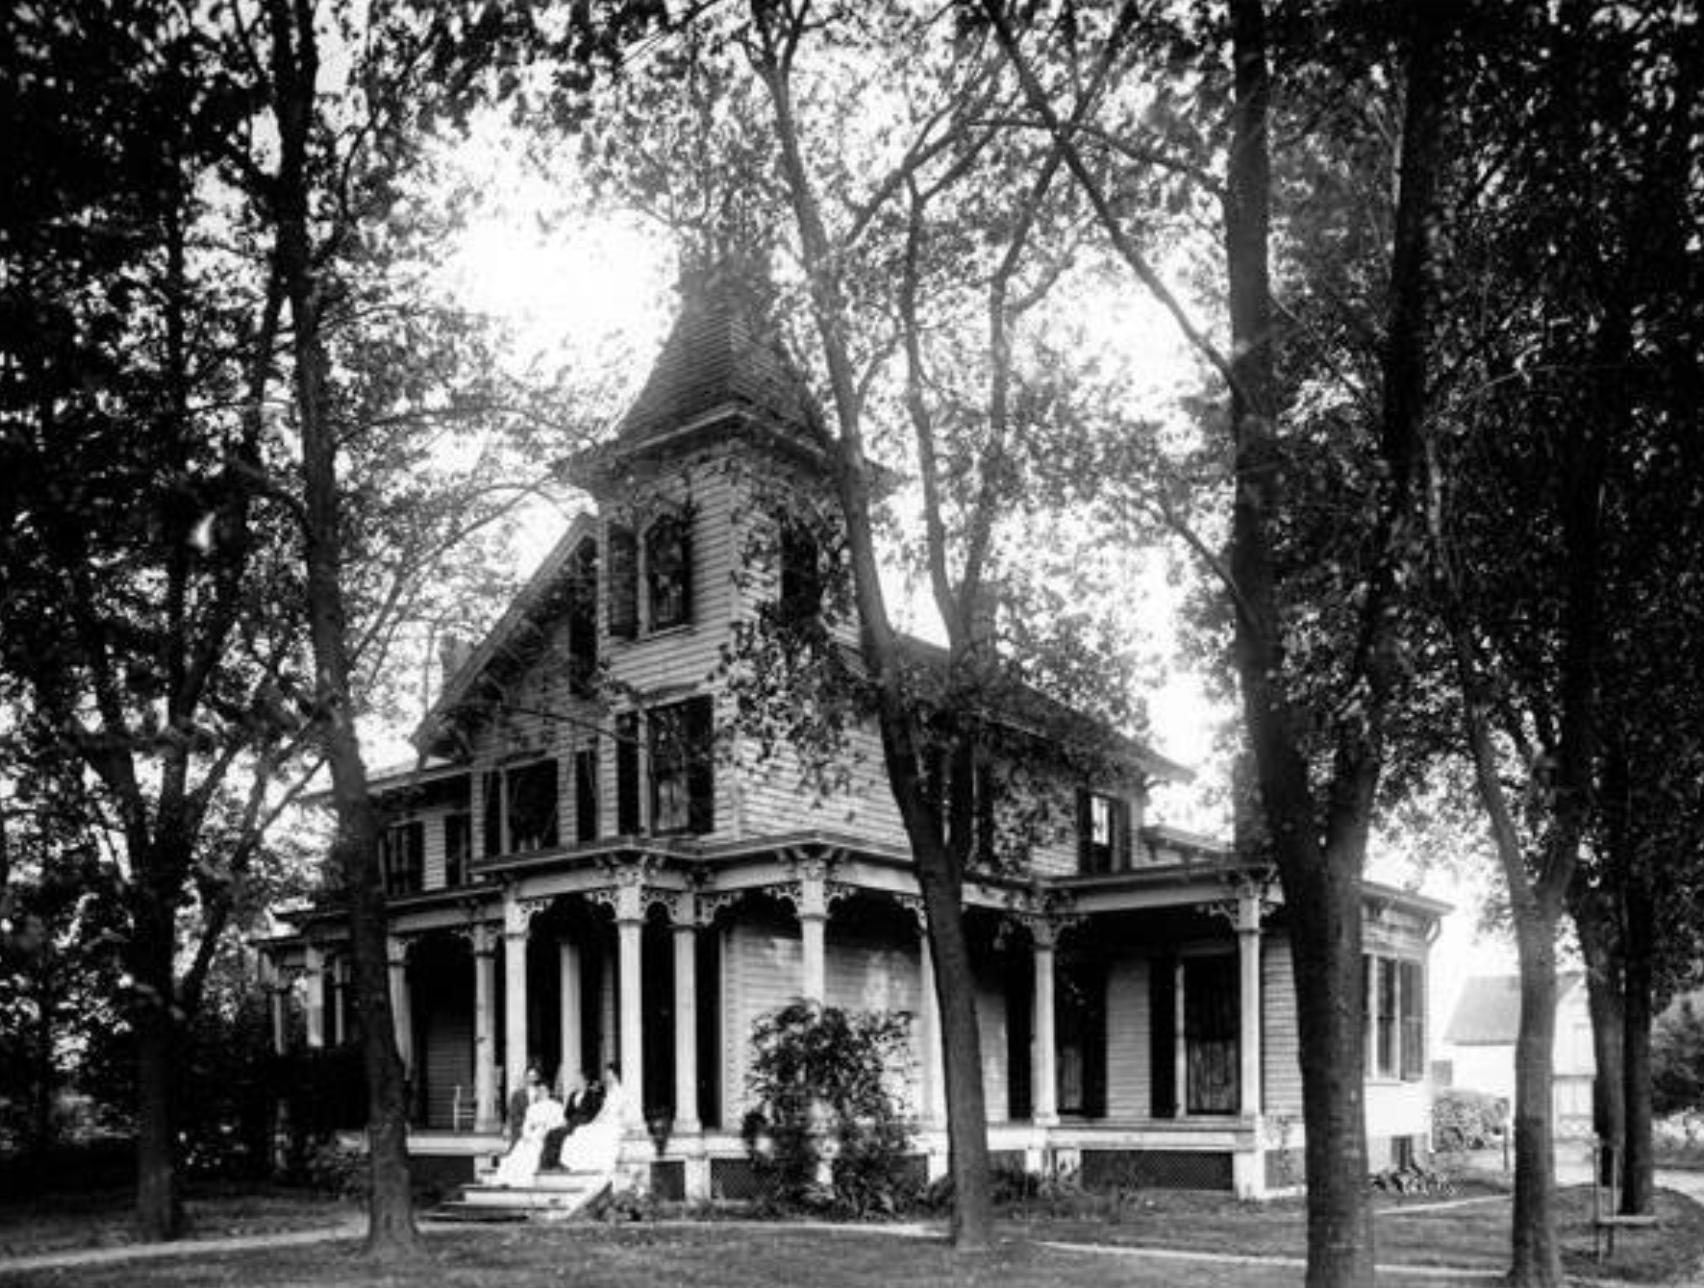 Một phần dinh thự của gia đình Bartlett. Ảnh: West Hempstead now and then